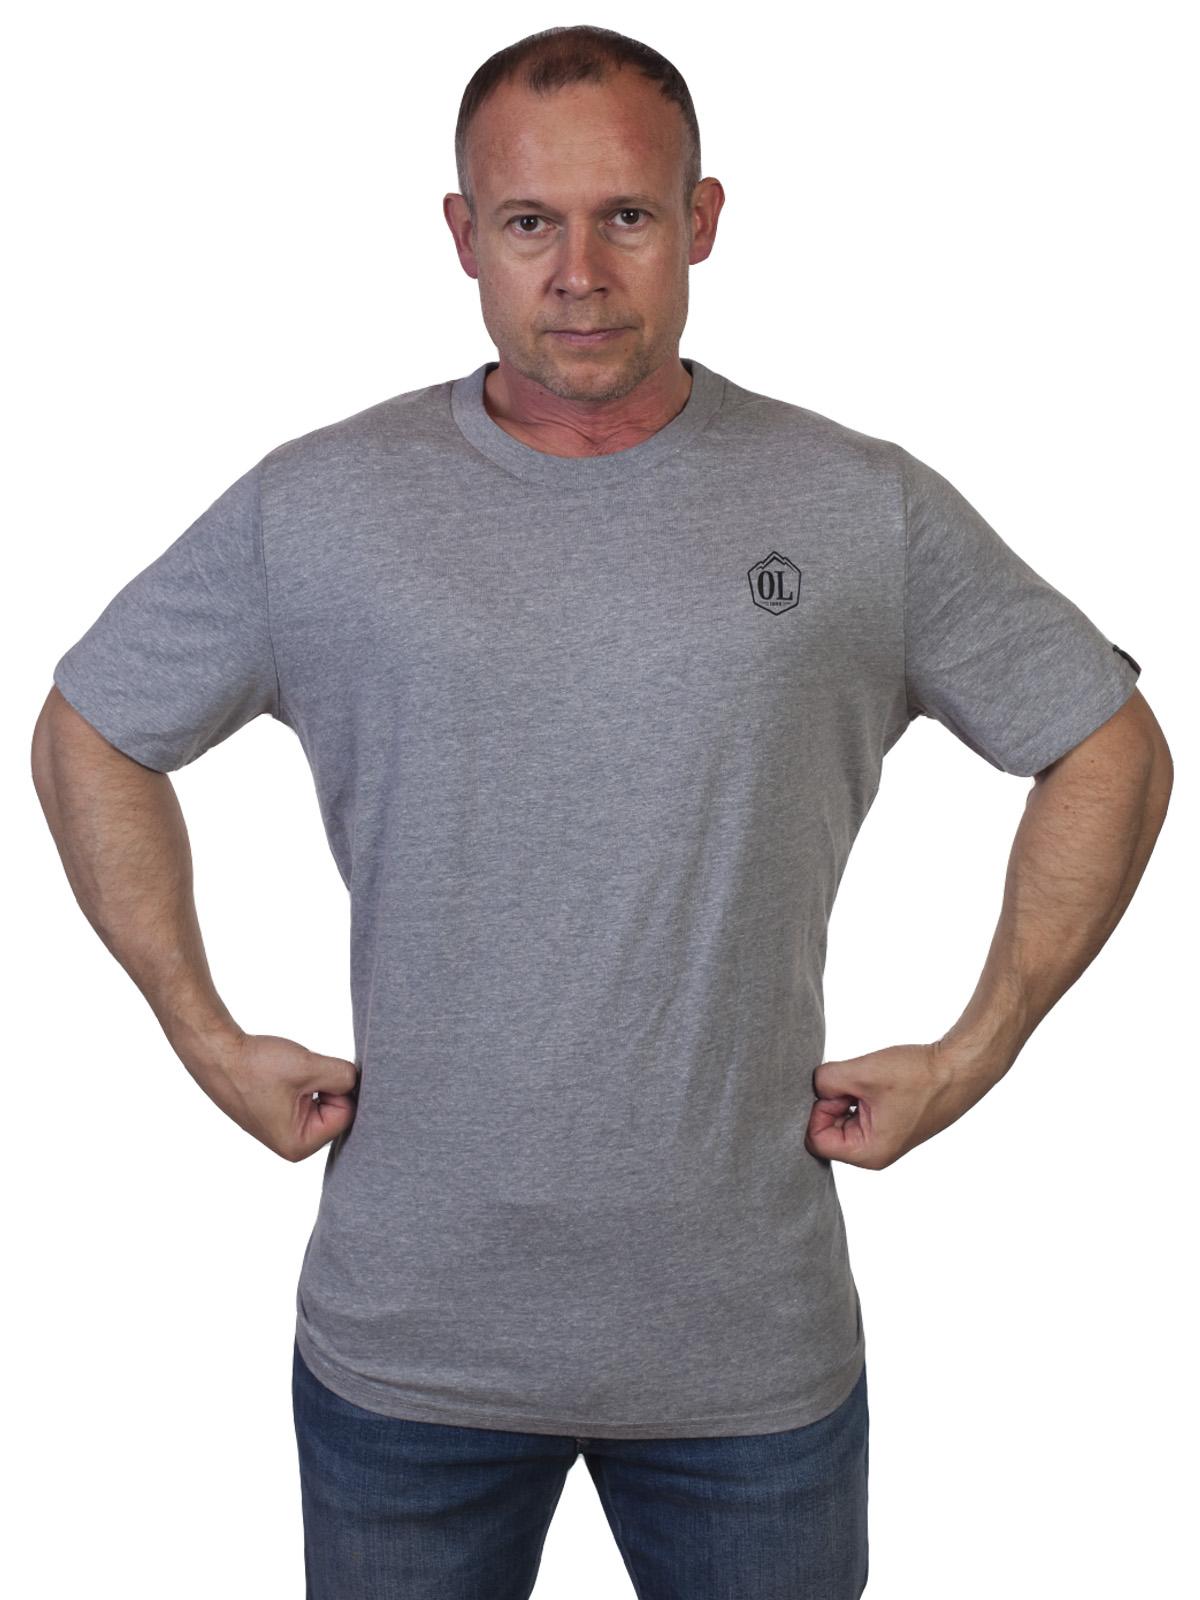 Мужская футболка Outdoor life - купить выгодно